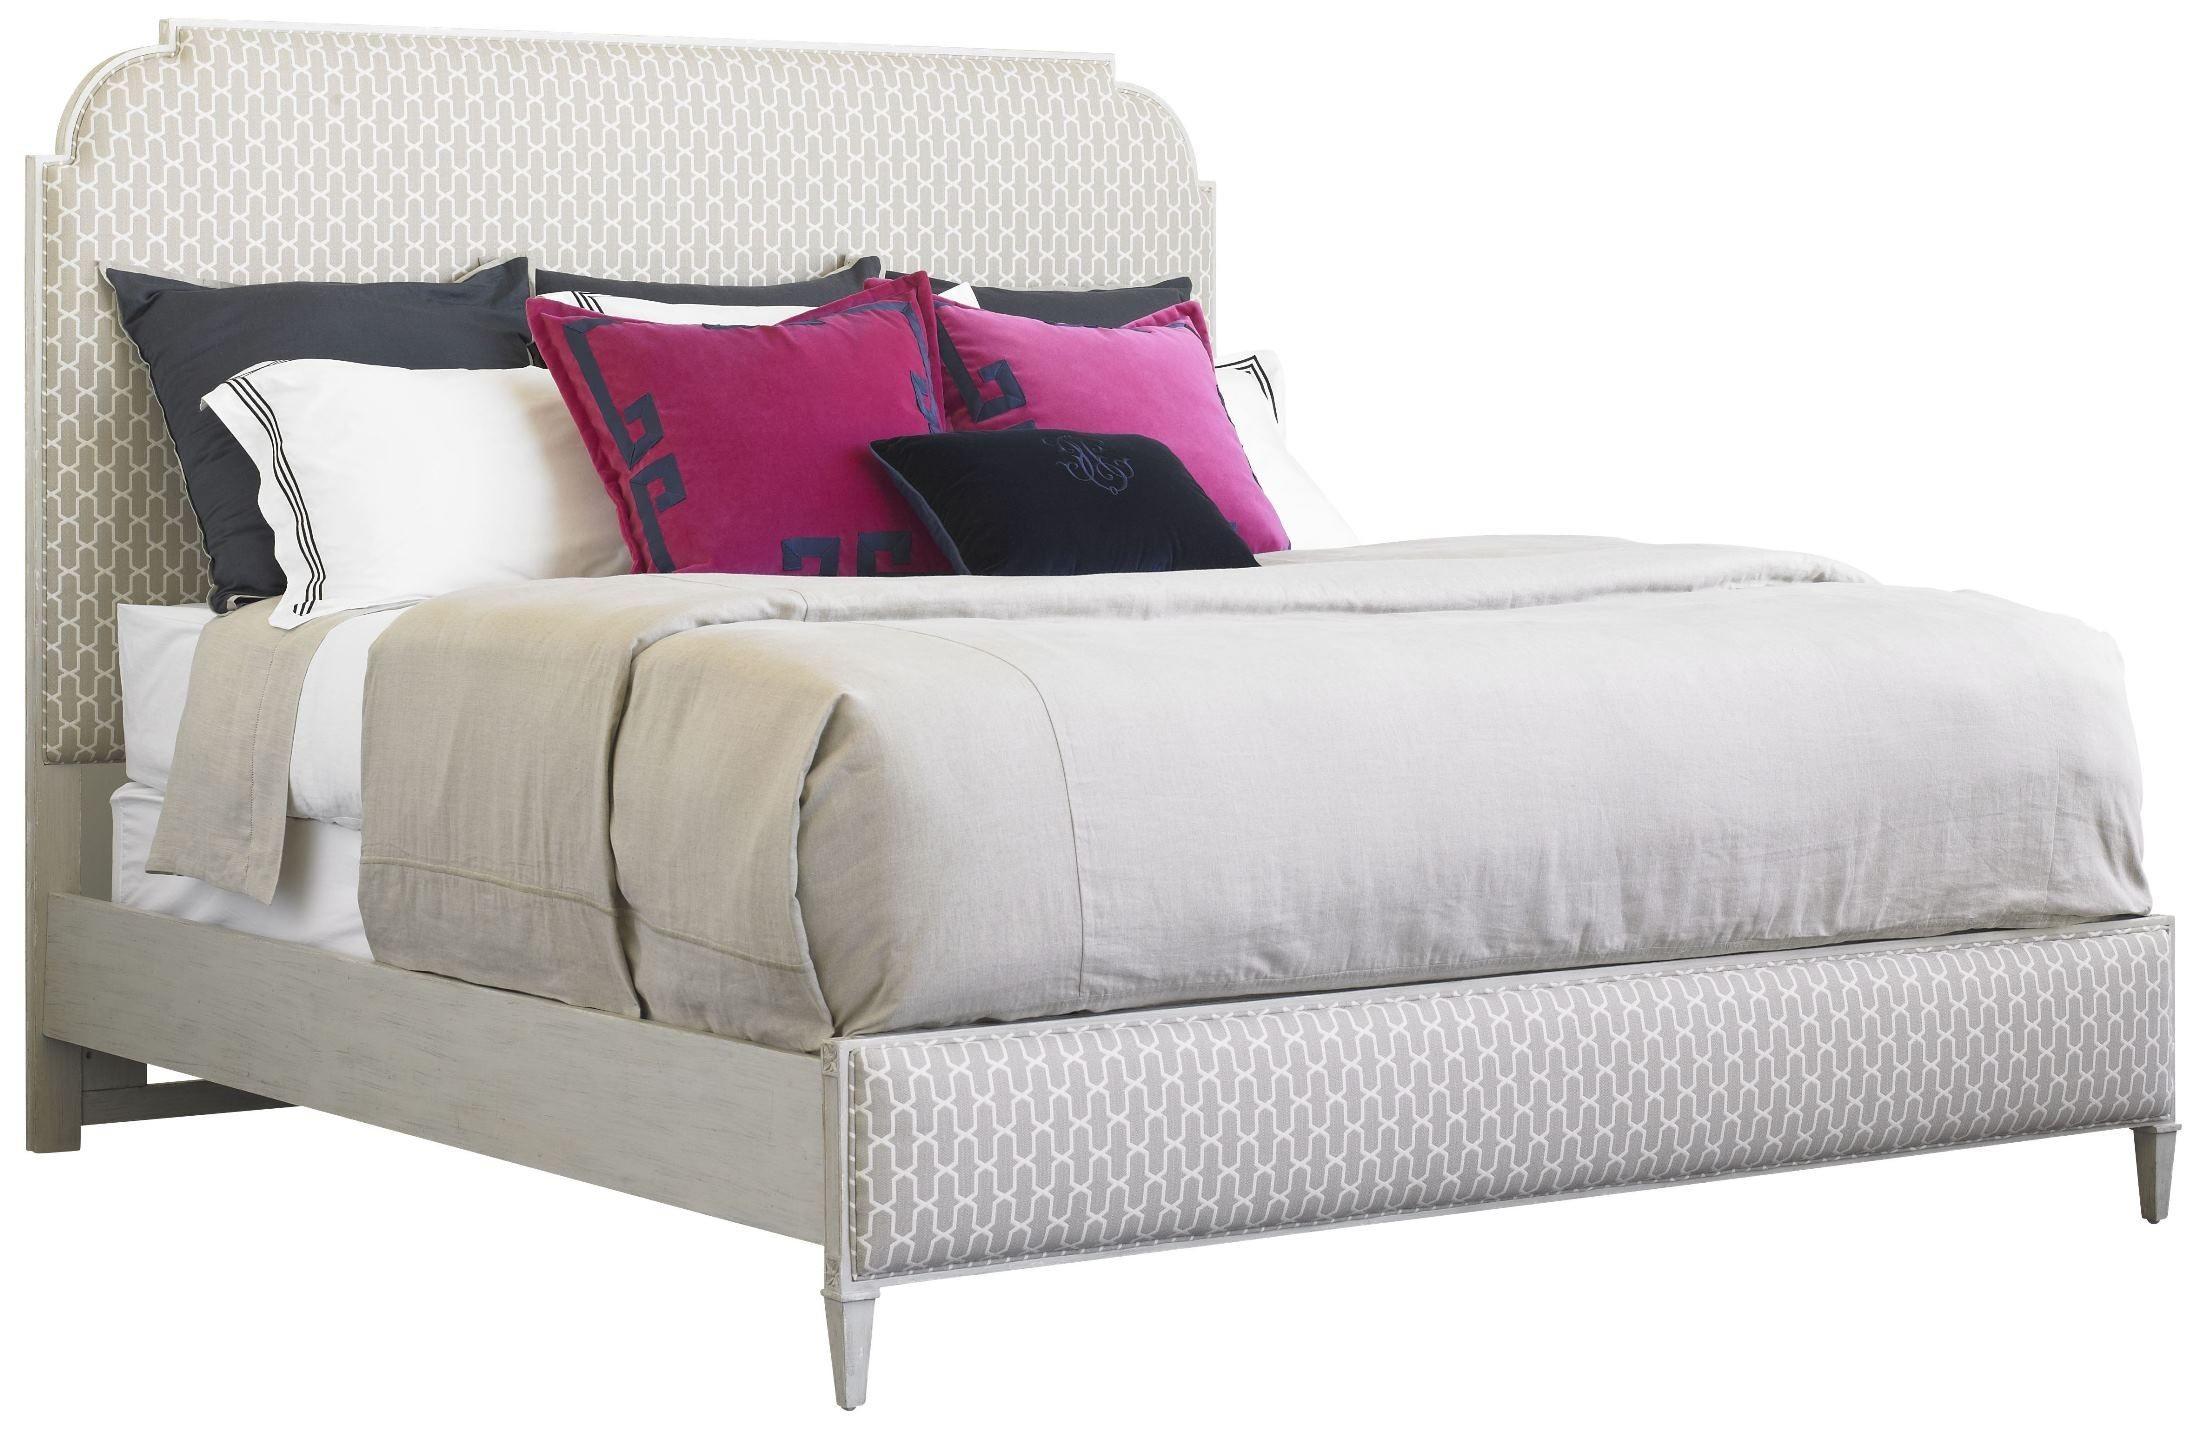 Charleston Regency Gray Linen Peninsula Upholstered Bedroom Set From Stanley 302 53 42